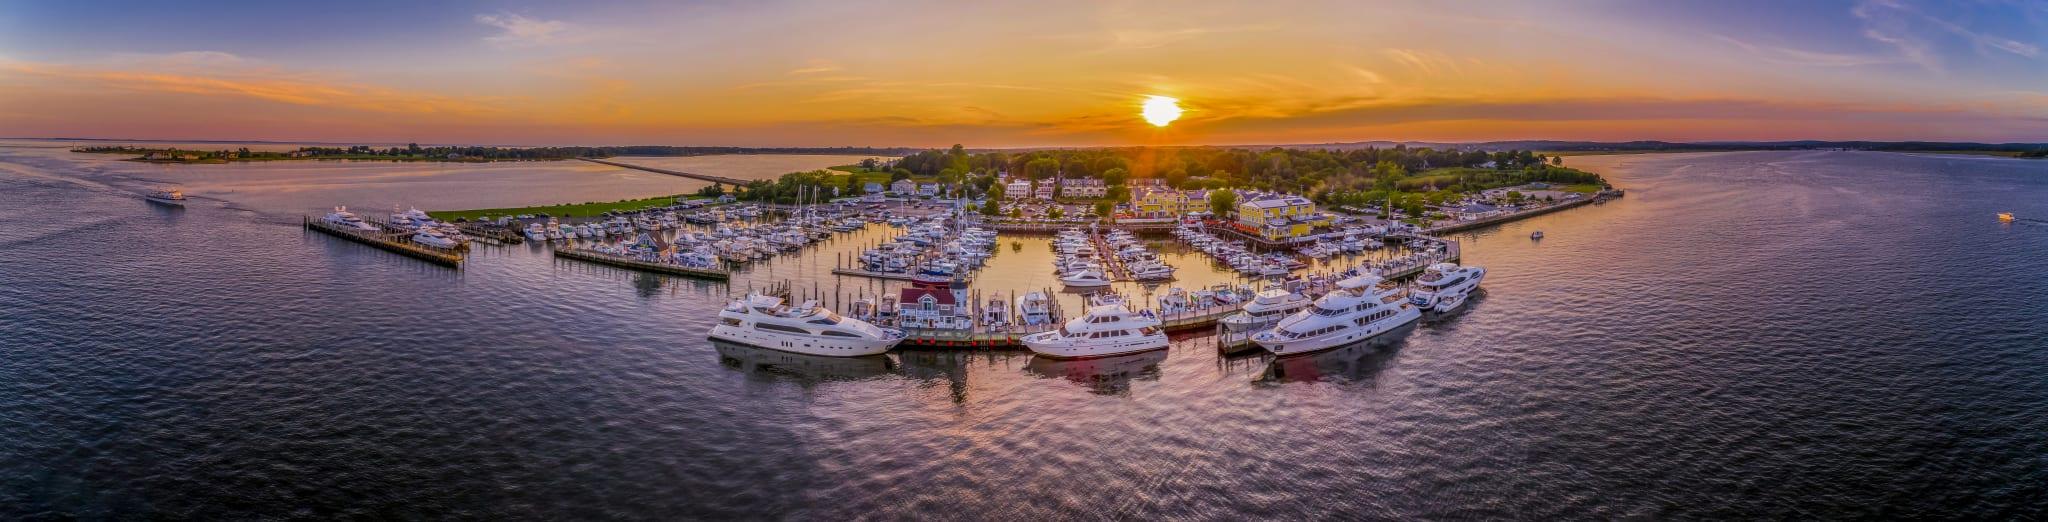 Panorama sunset of Saybrook Point Marina.